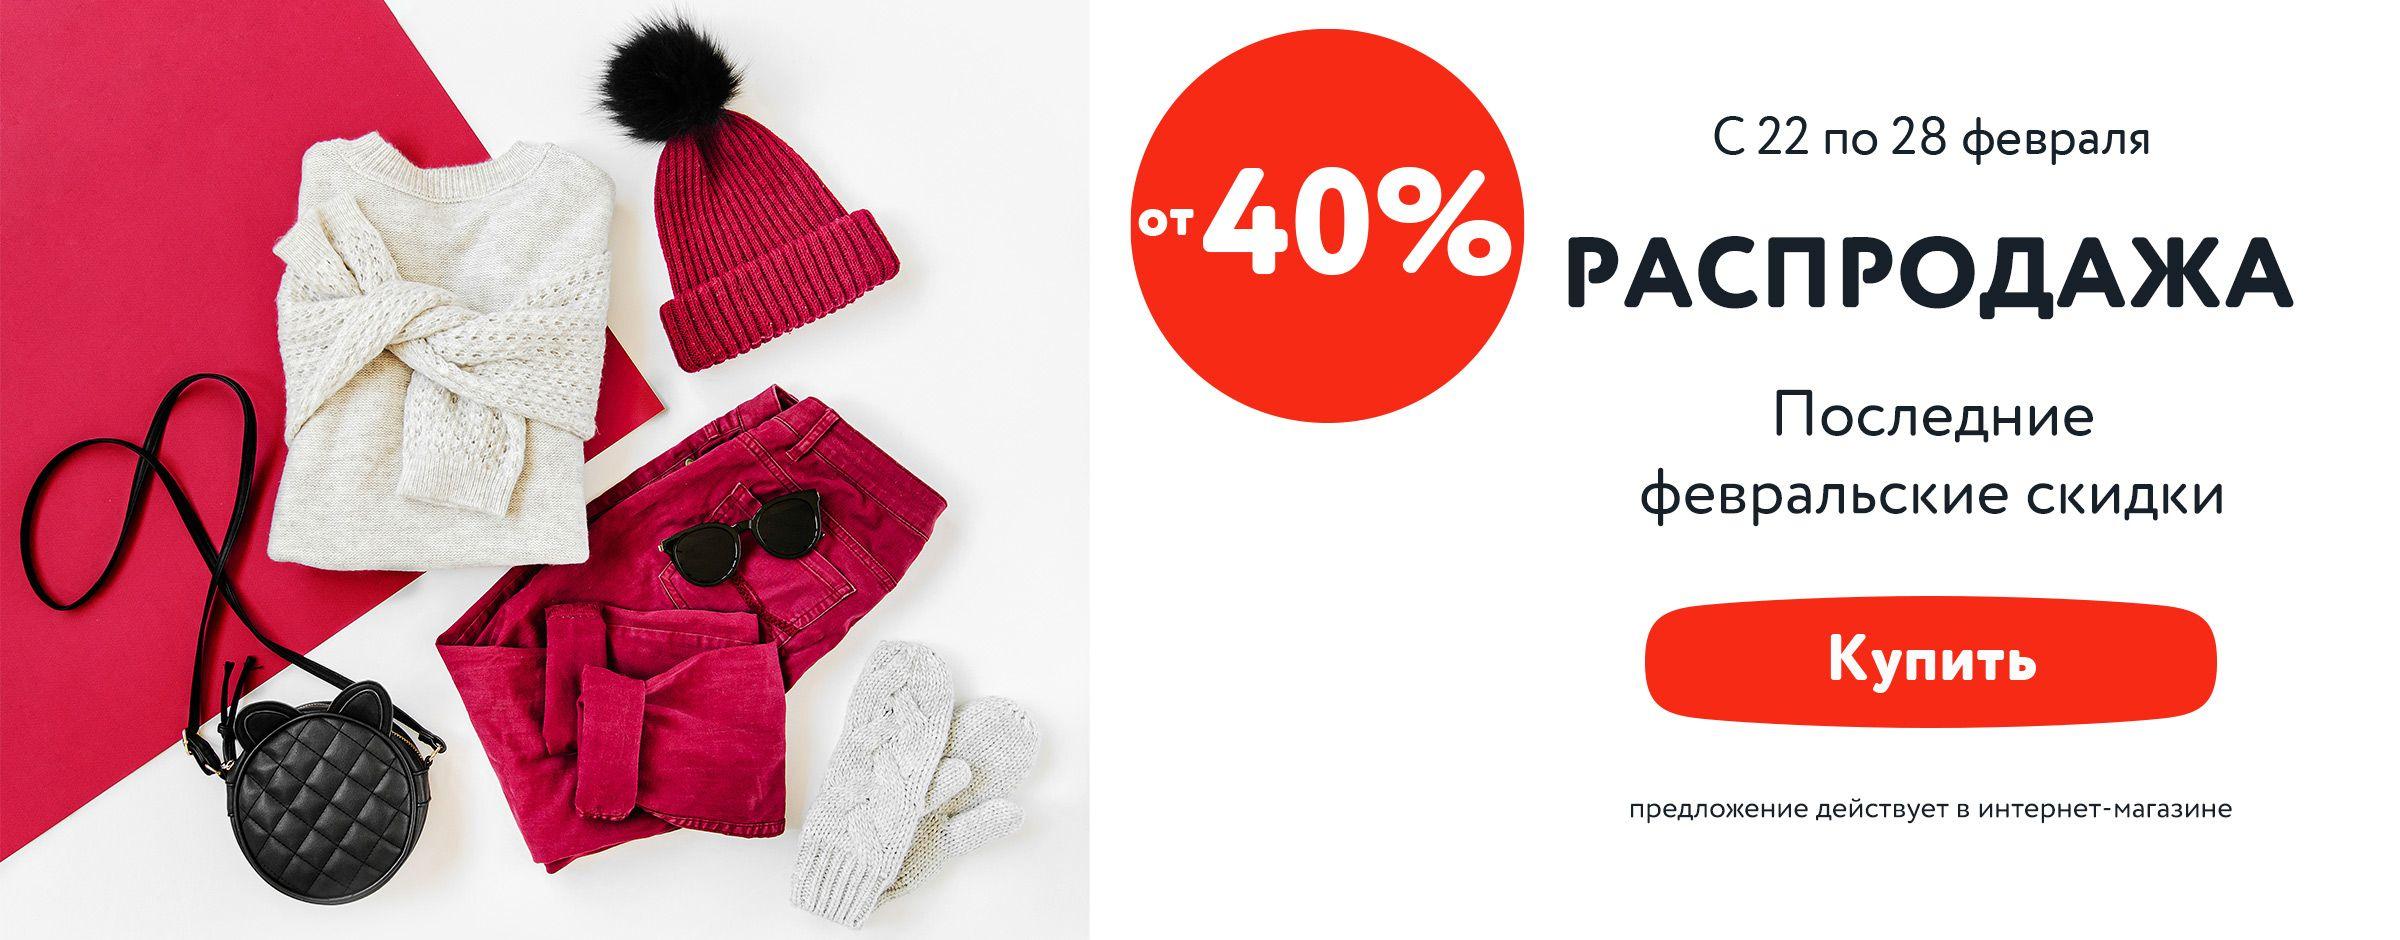 Скидки от 40% на выделенный ассортимент одежды и обуви